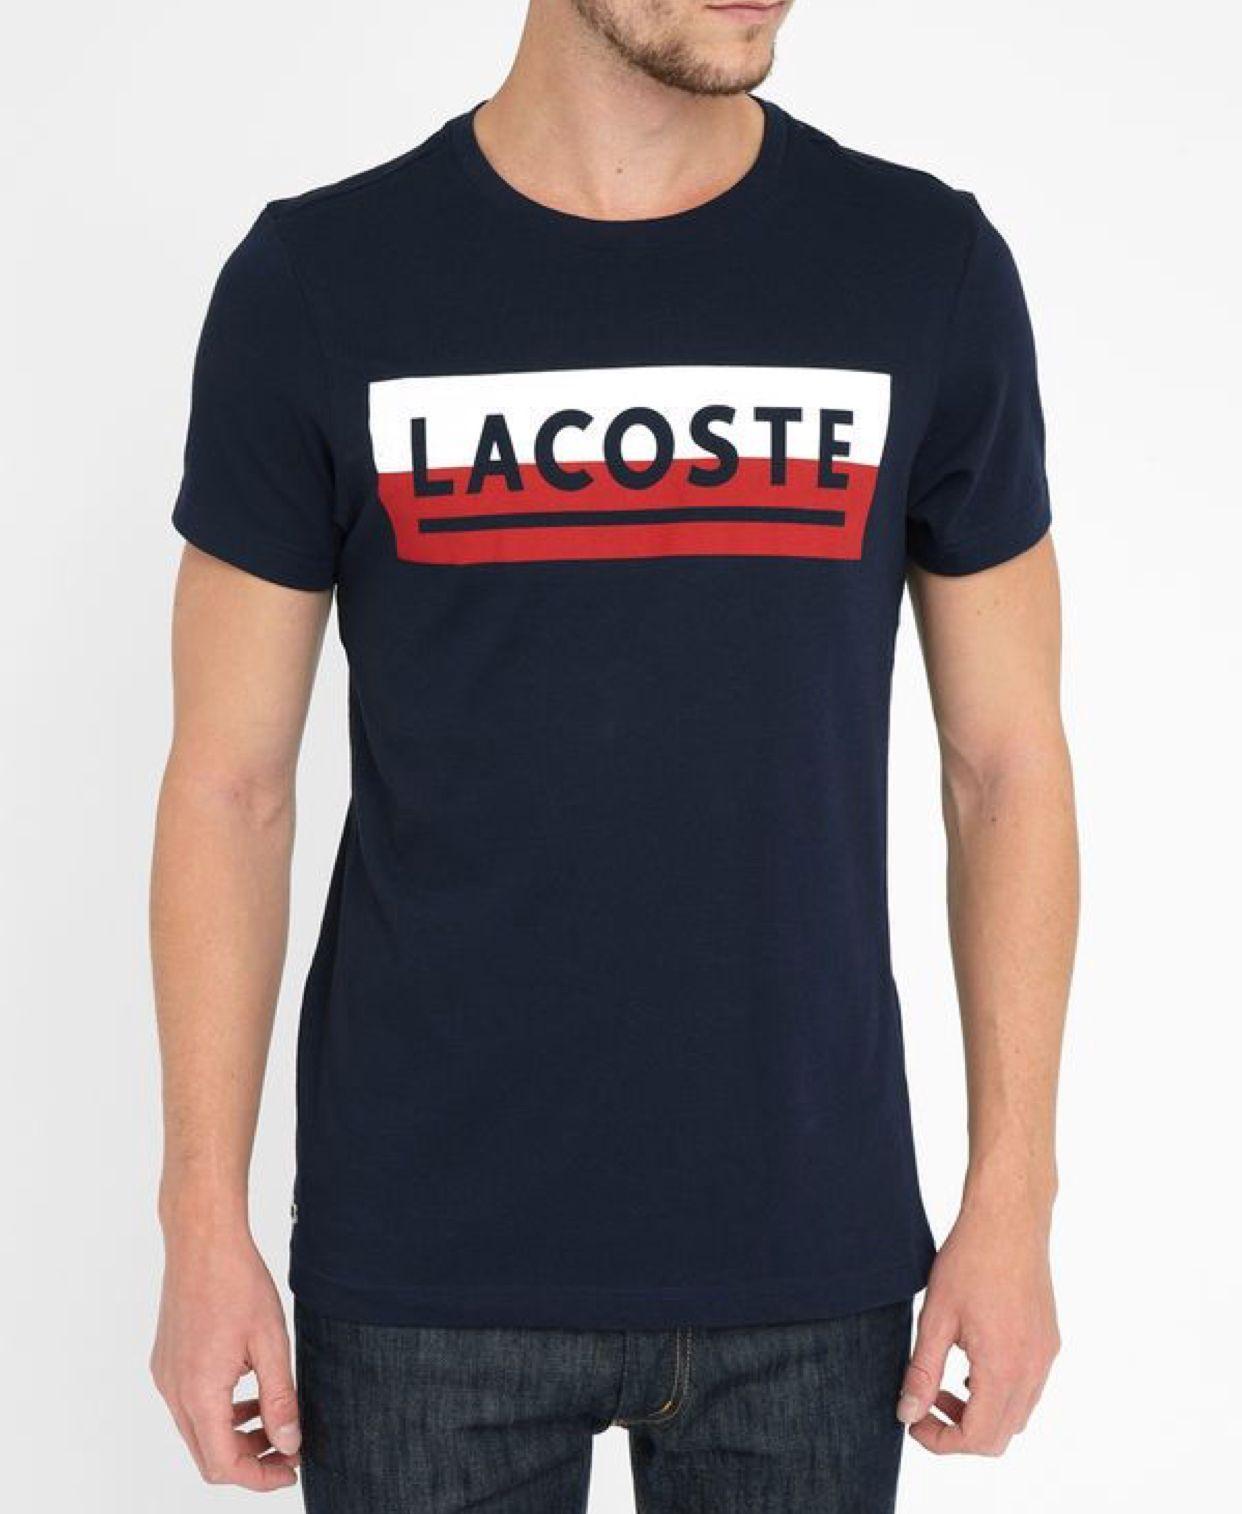 fd6d1c99336 Tshirt Lacoste original. Blue clássico